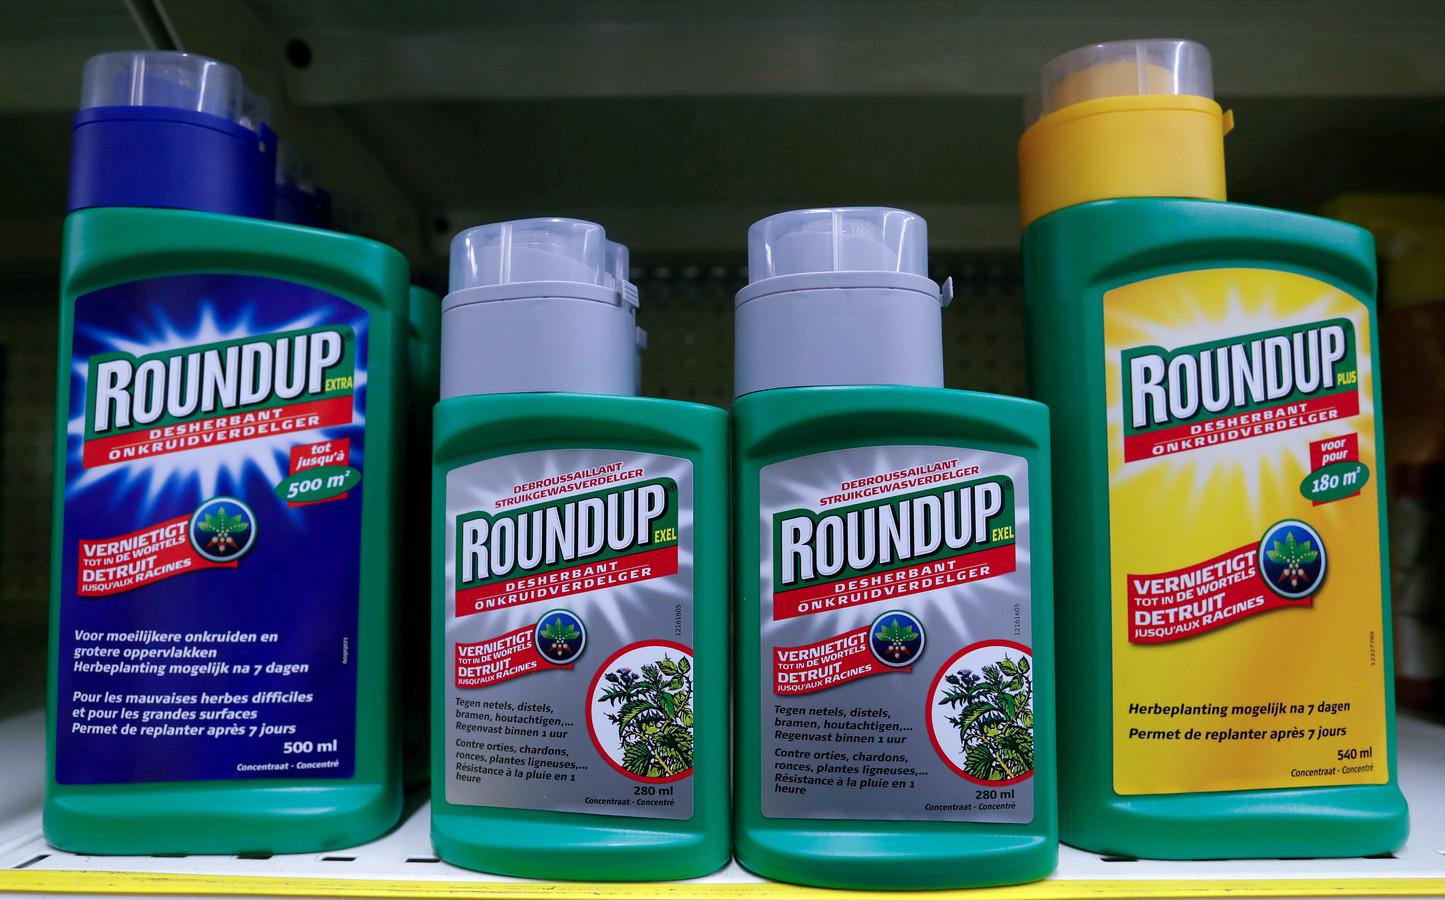 In de VS lopen inmiddels tussen de 75.000 en 85.000 claims tegen het chemieconcern Bayer, producent van het omstreden verdelgingsmiddel Roundup.